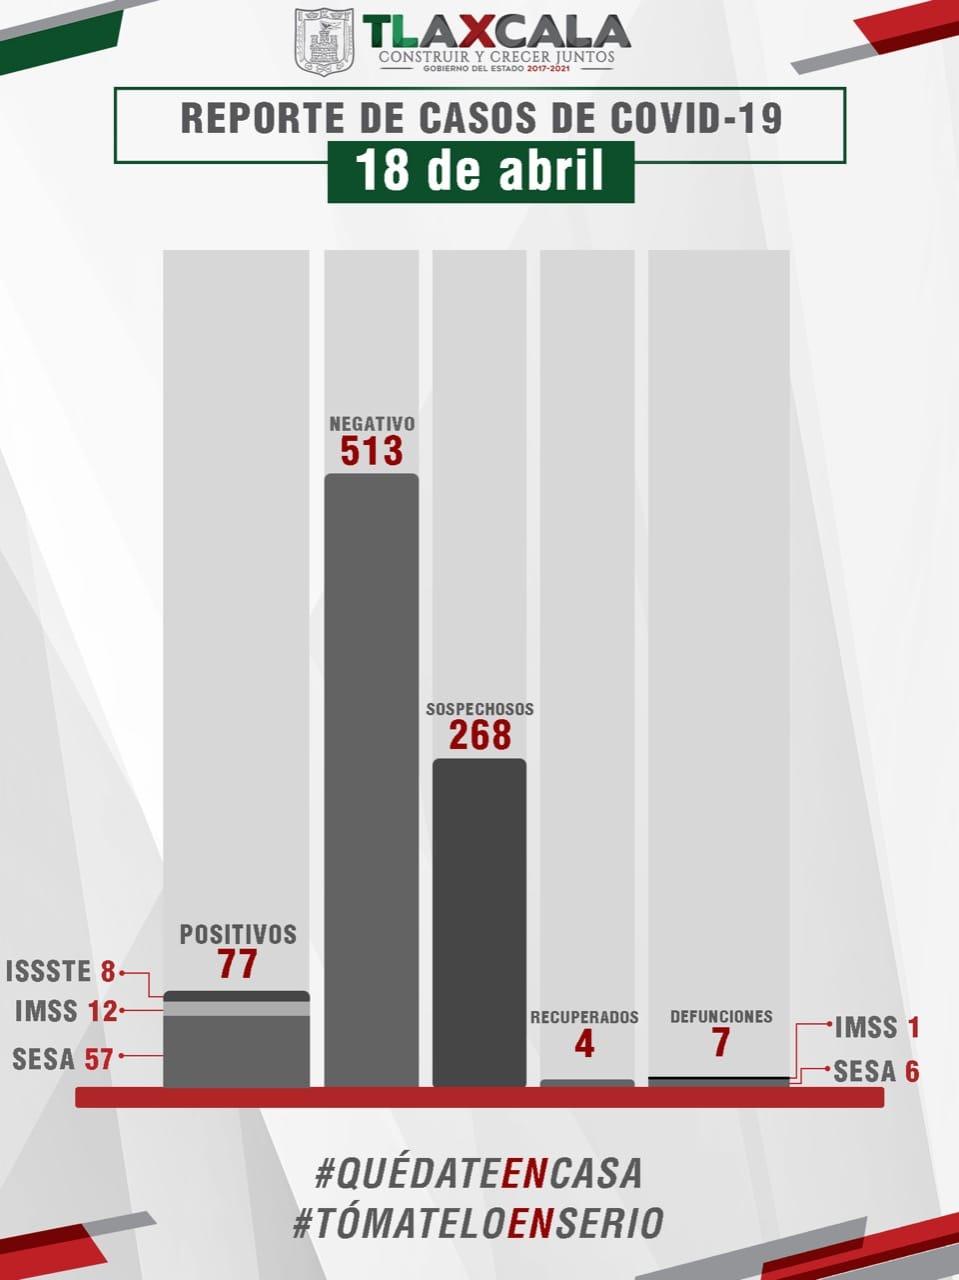 Ya son 7 muertos y 77 enfermos de covid 19 en Tlaxcala: Salud estatal